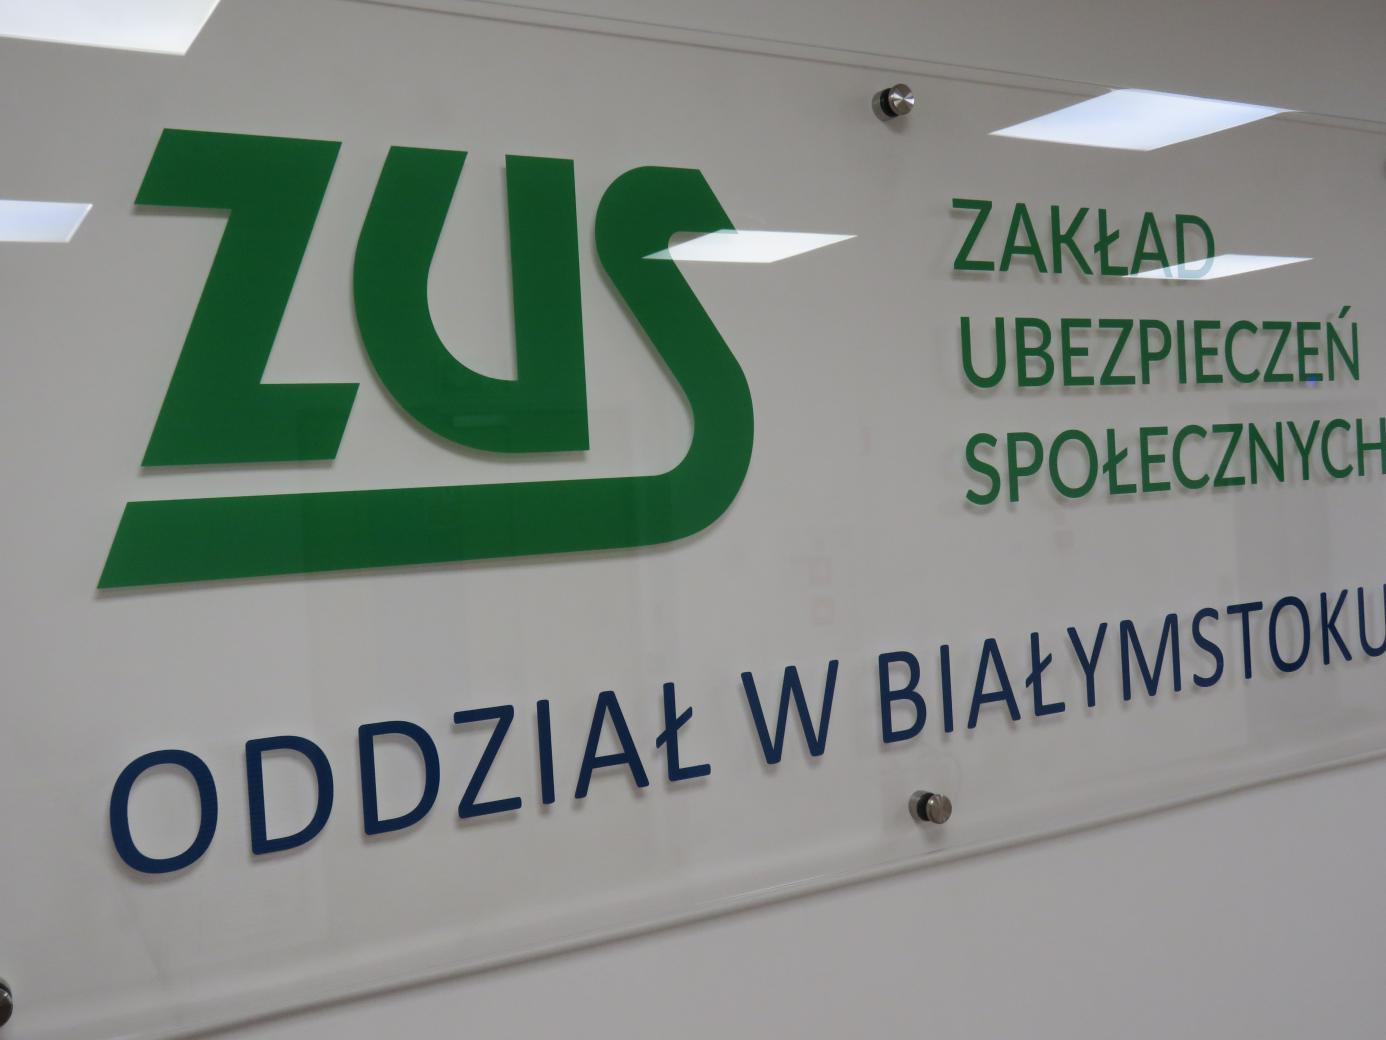 tablica informacyjna w białostockim oddziale ZUS